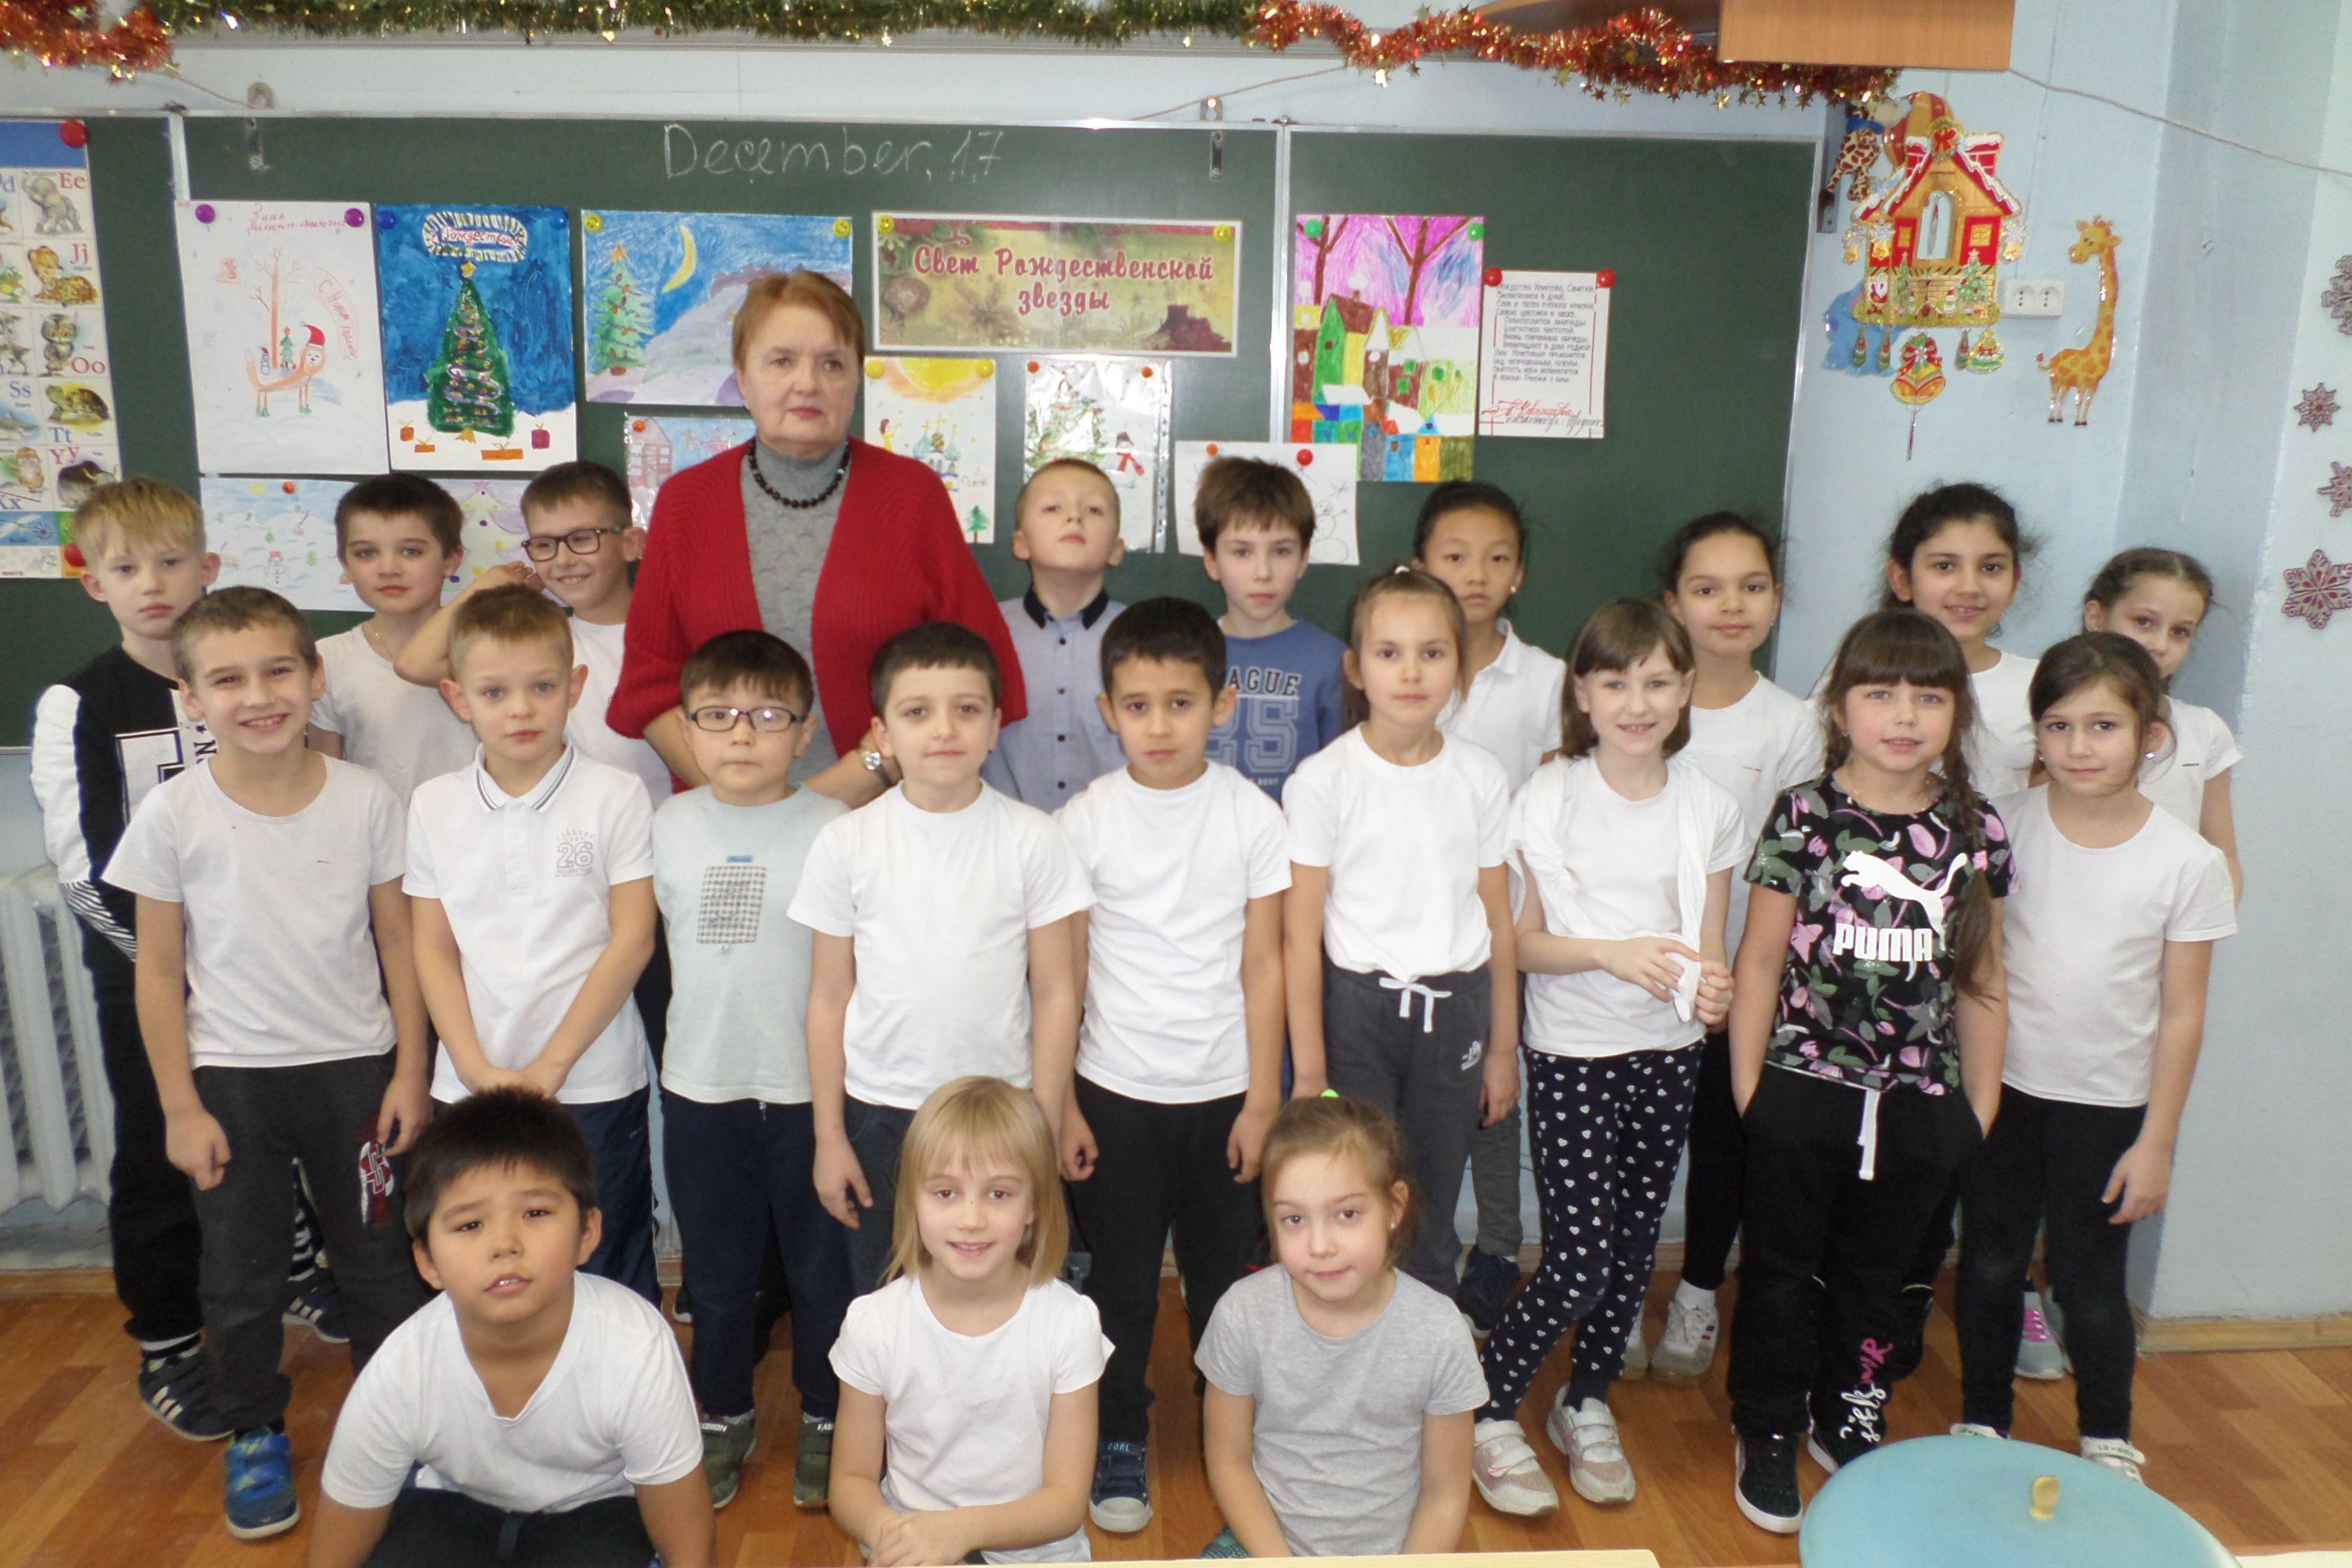 e368b4983a70 17 декабря сотрудники библиотеки-филиала №8 организовали и провели урок  духовного воспитания во 2 классе СОШ №3. Ученики добросовестно  подготовились к ...